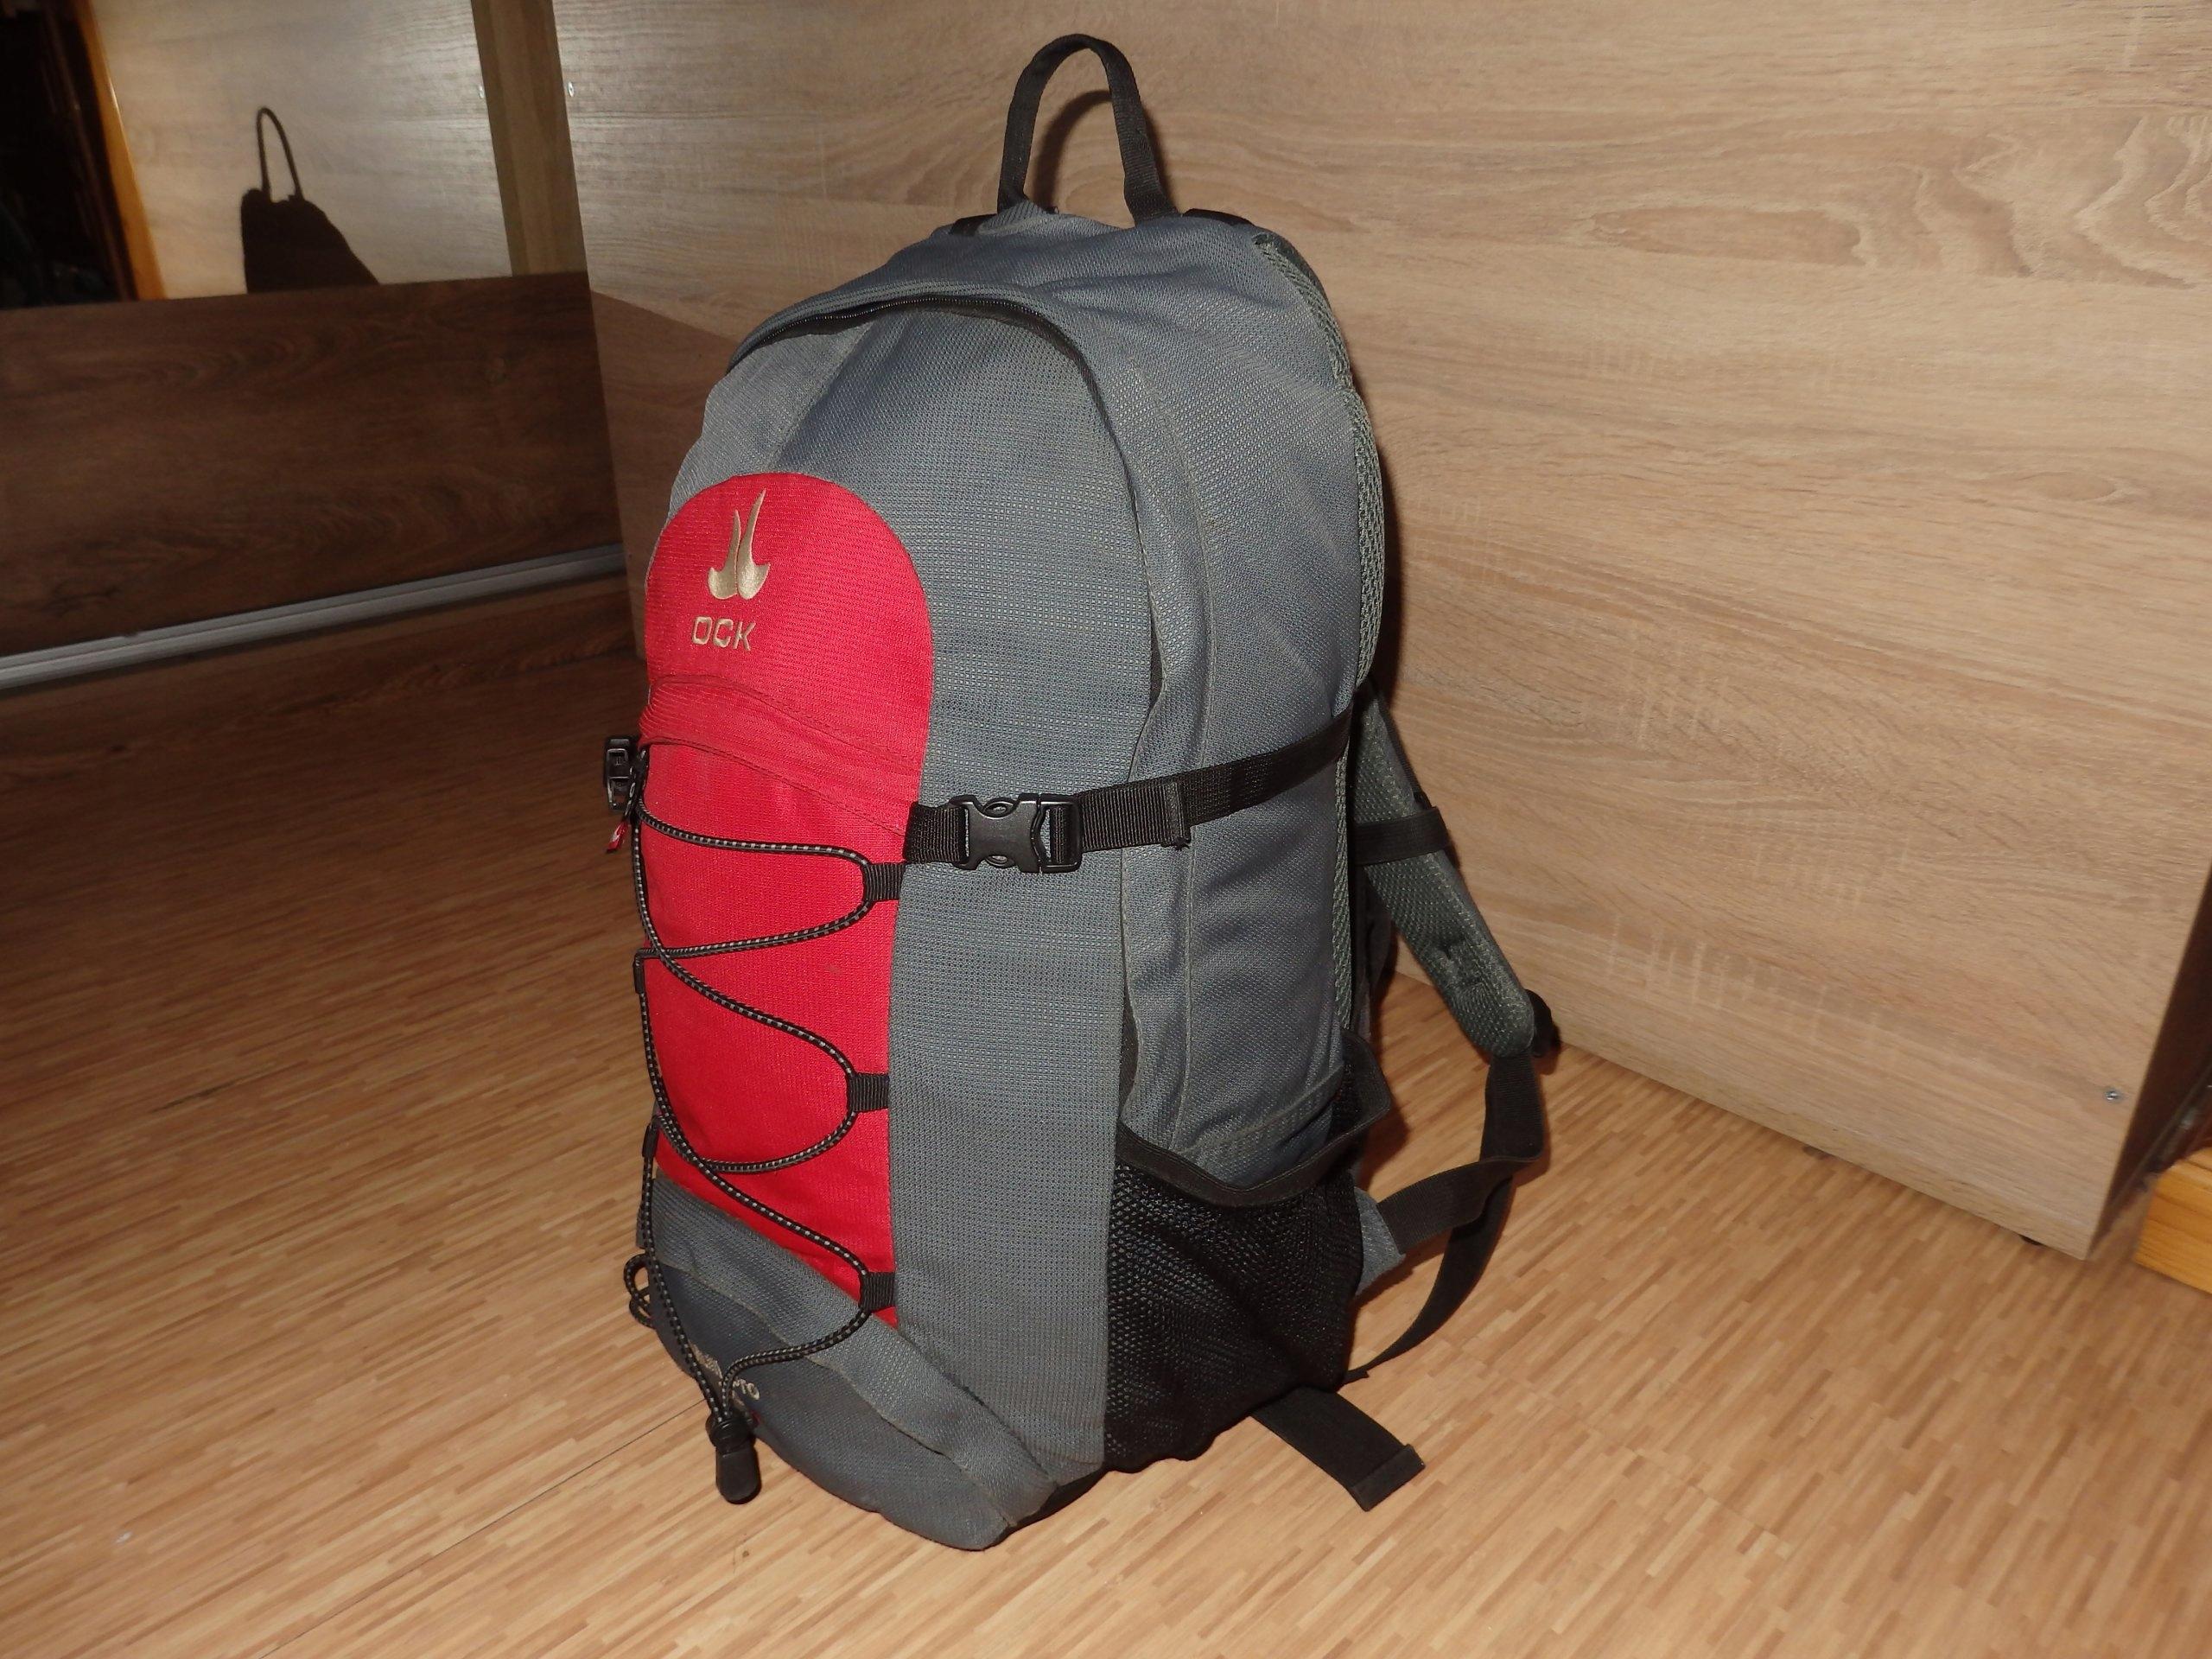 019a5b099a415 Plecak OCK MULTI PRO 35 BCM - 7422351634 - oficjalne archiwum allegro